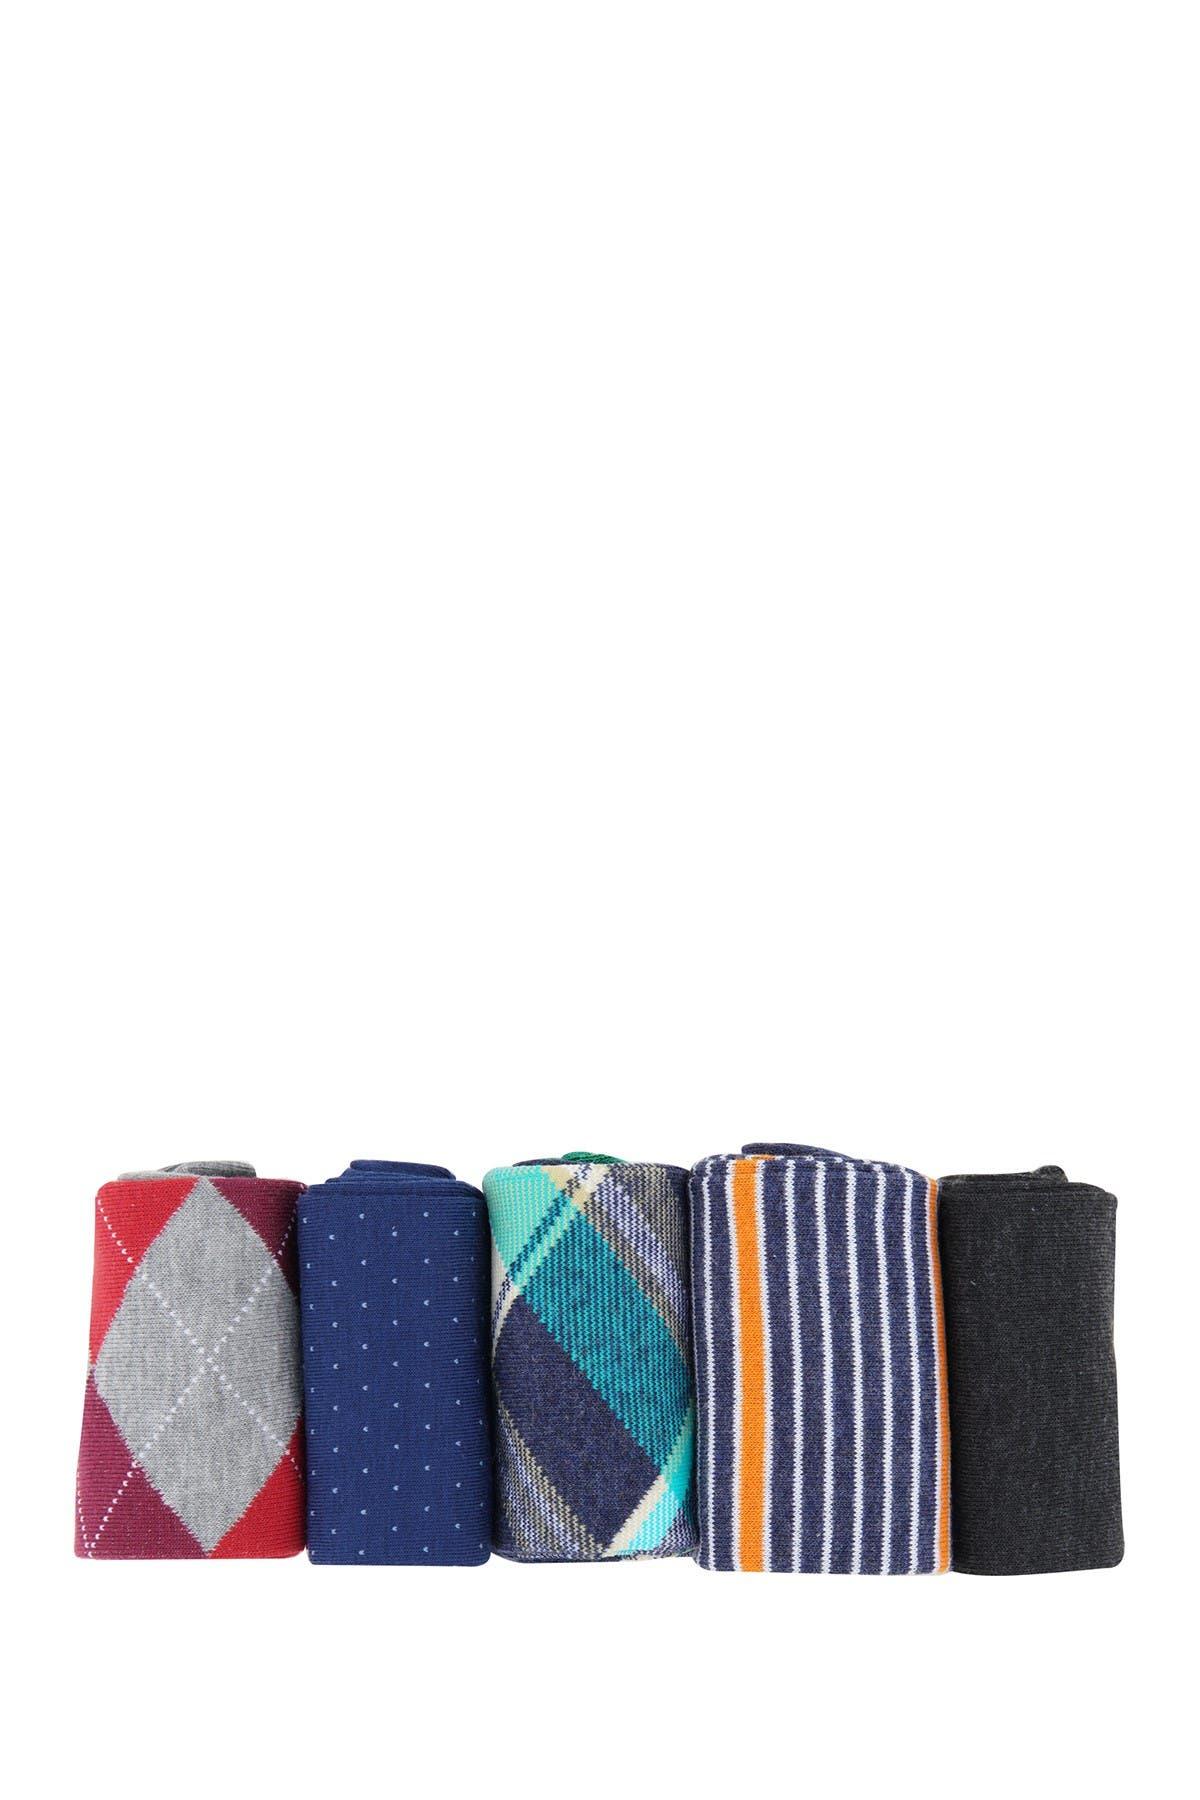 Image of Original Penguin 5 Day Week Sock Box